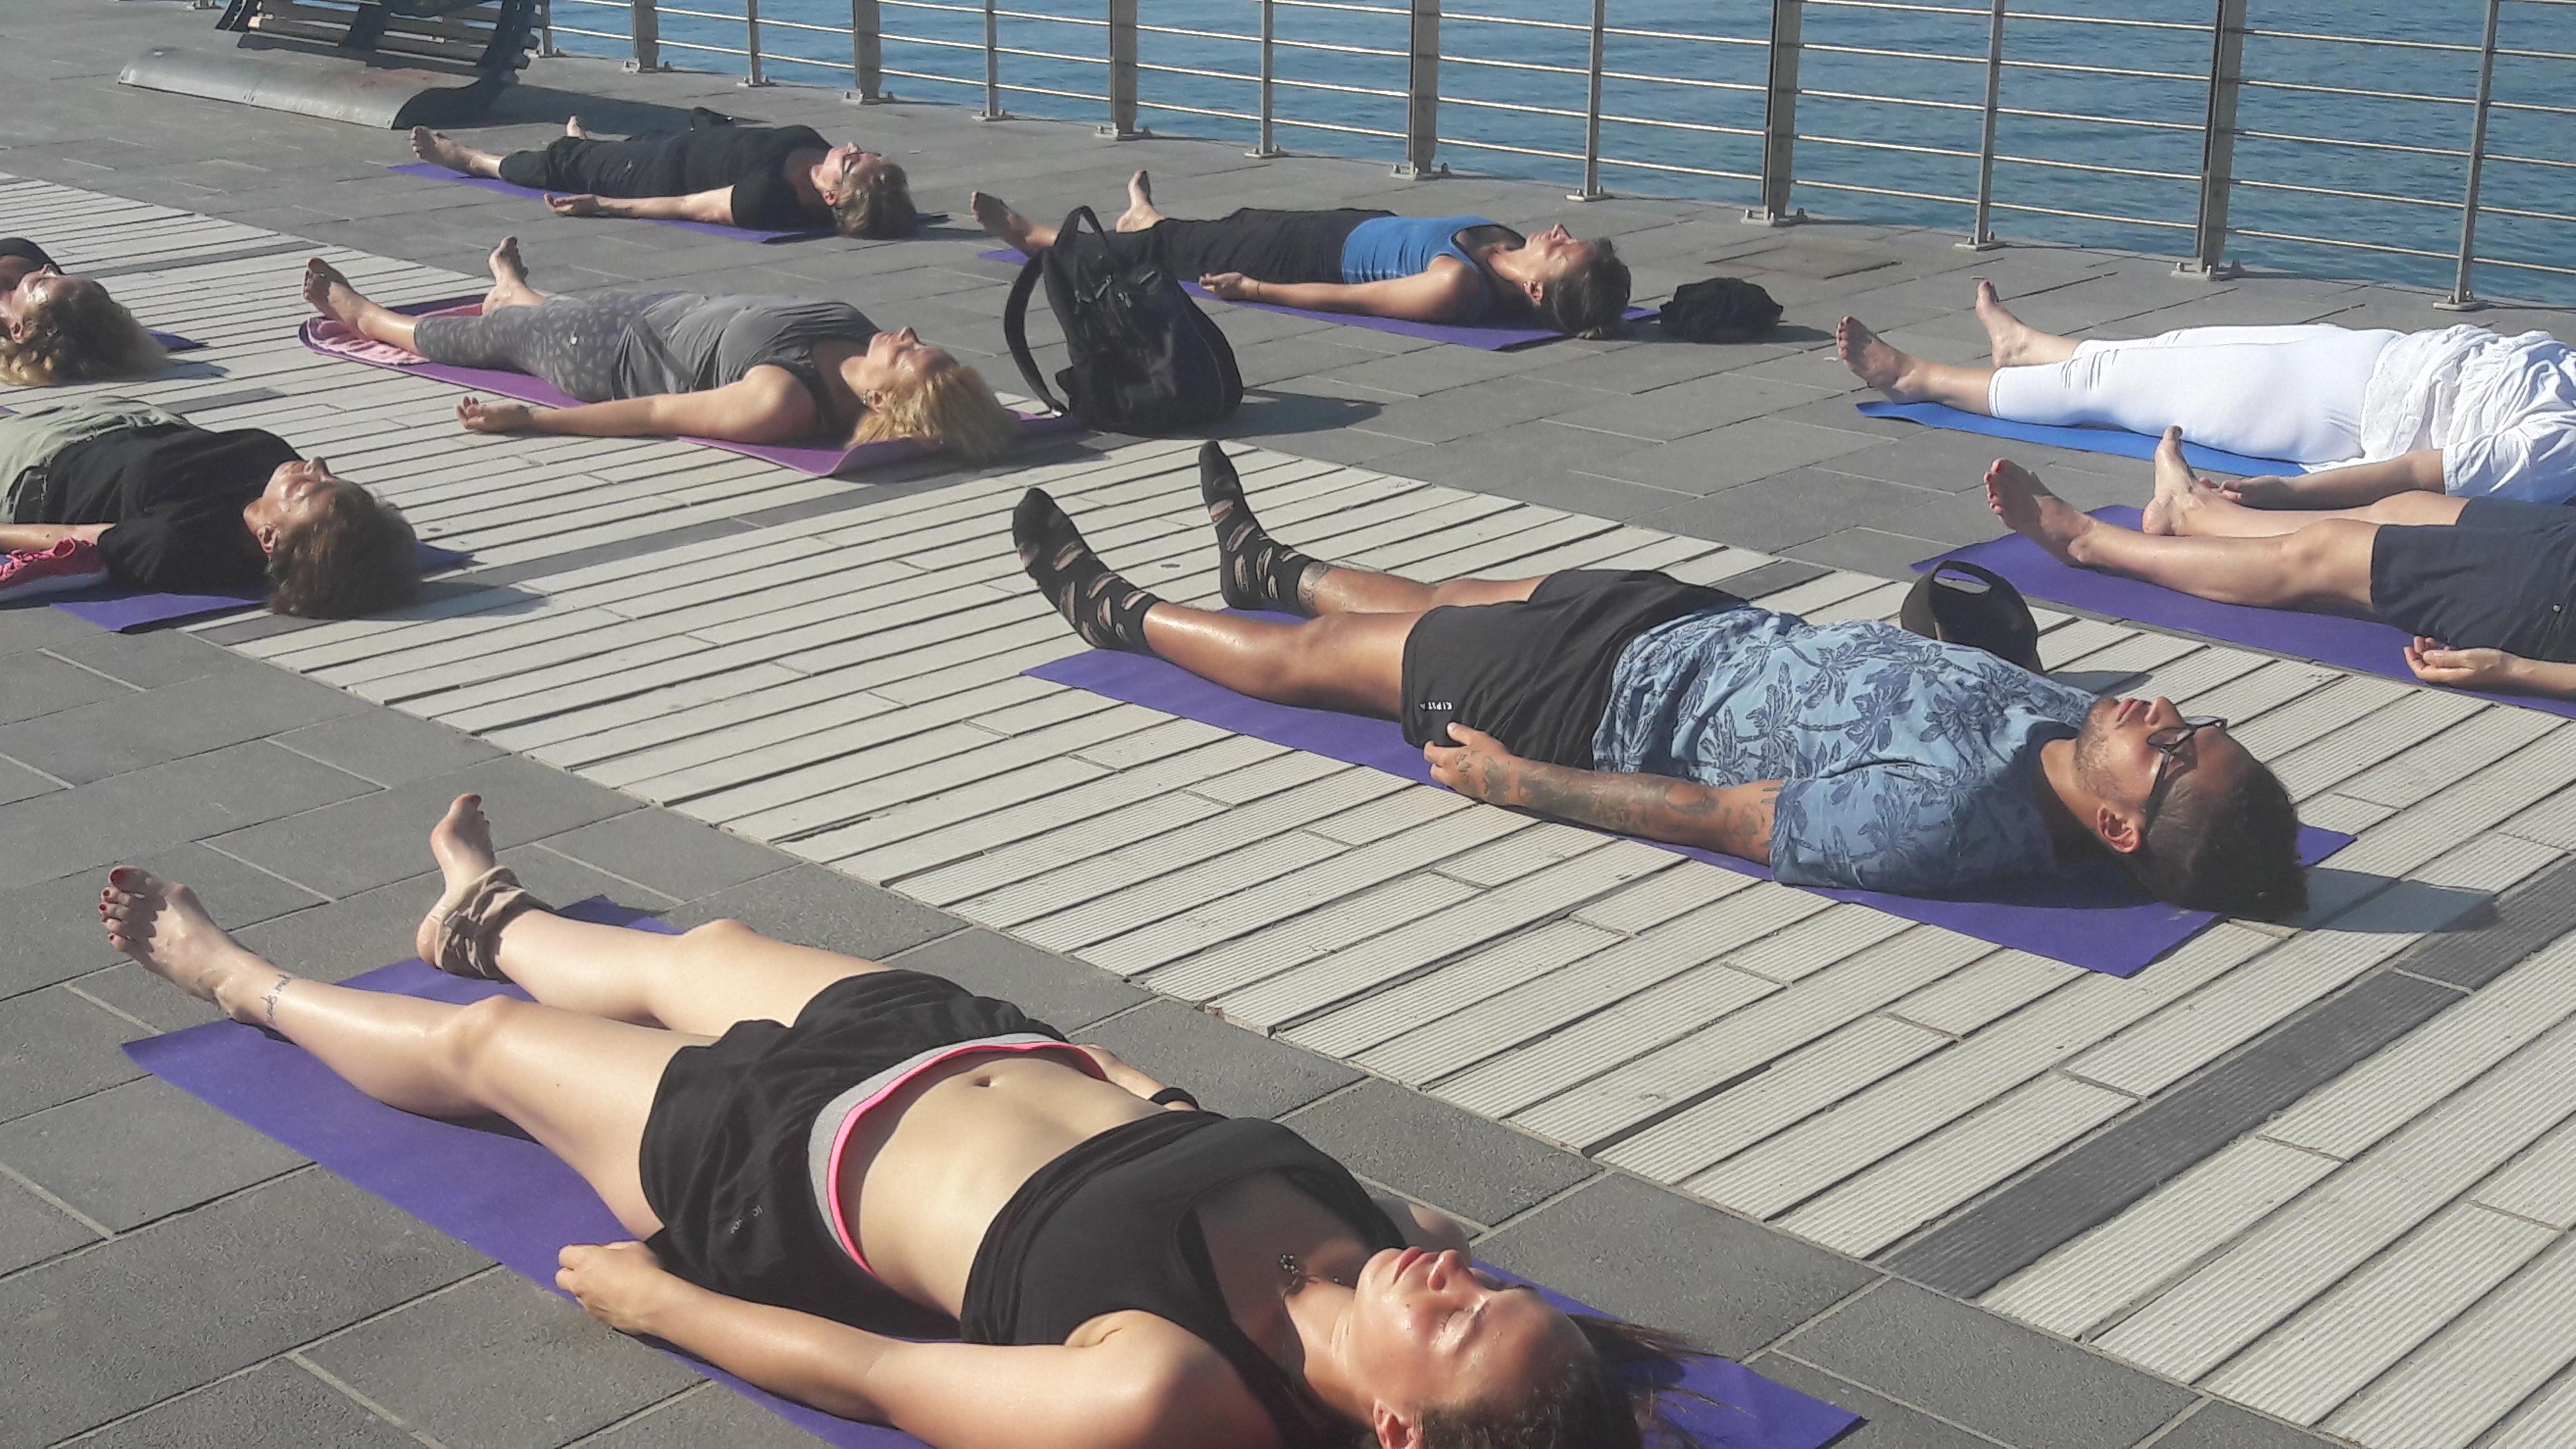 1_essere-free-yoga-gratuito-benessere-per-tutti-village-citta-alassio-estate-lucia-ragazzi-summer-town-wellness-008